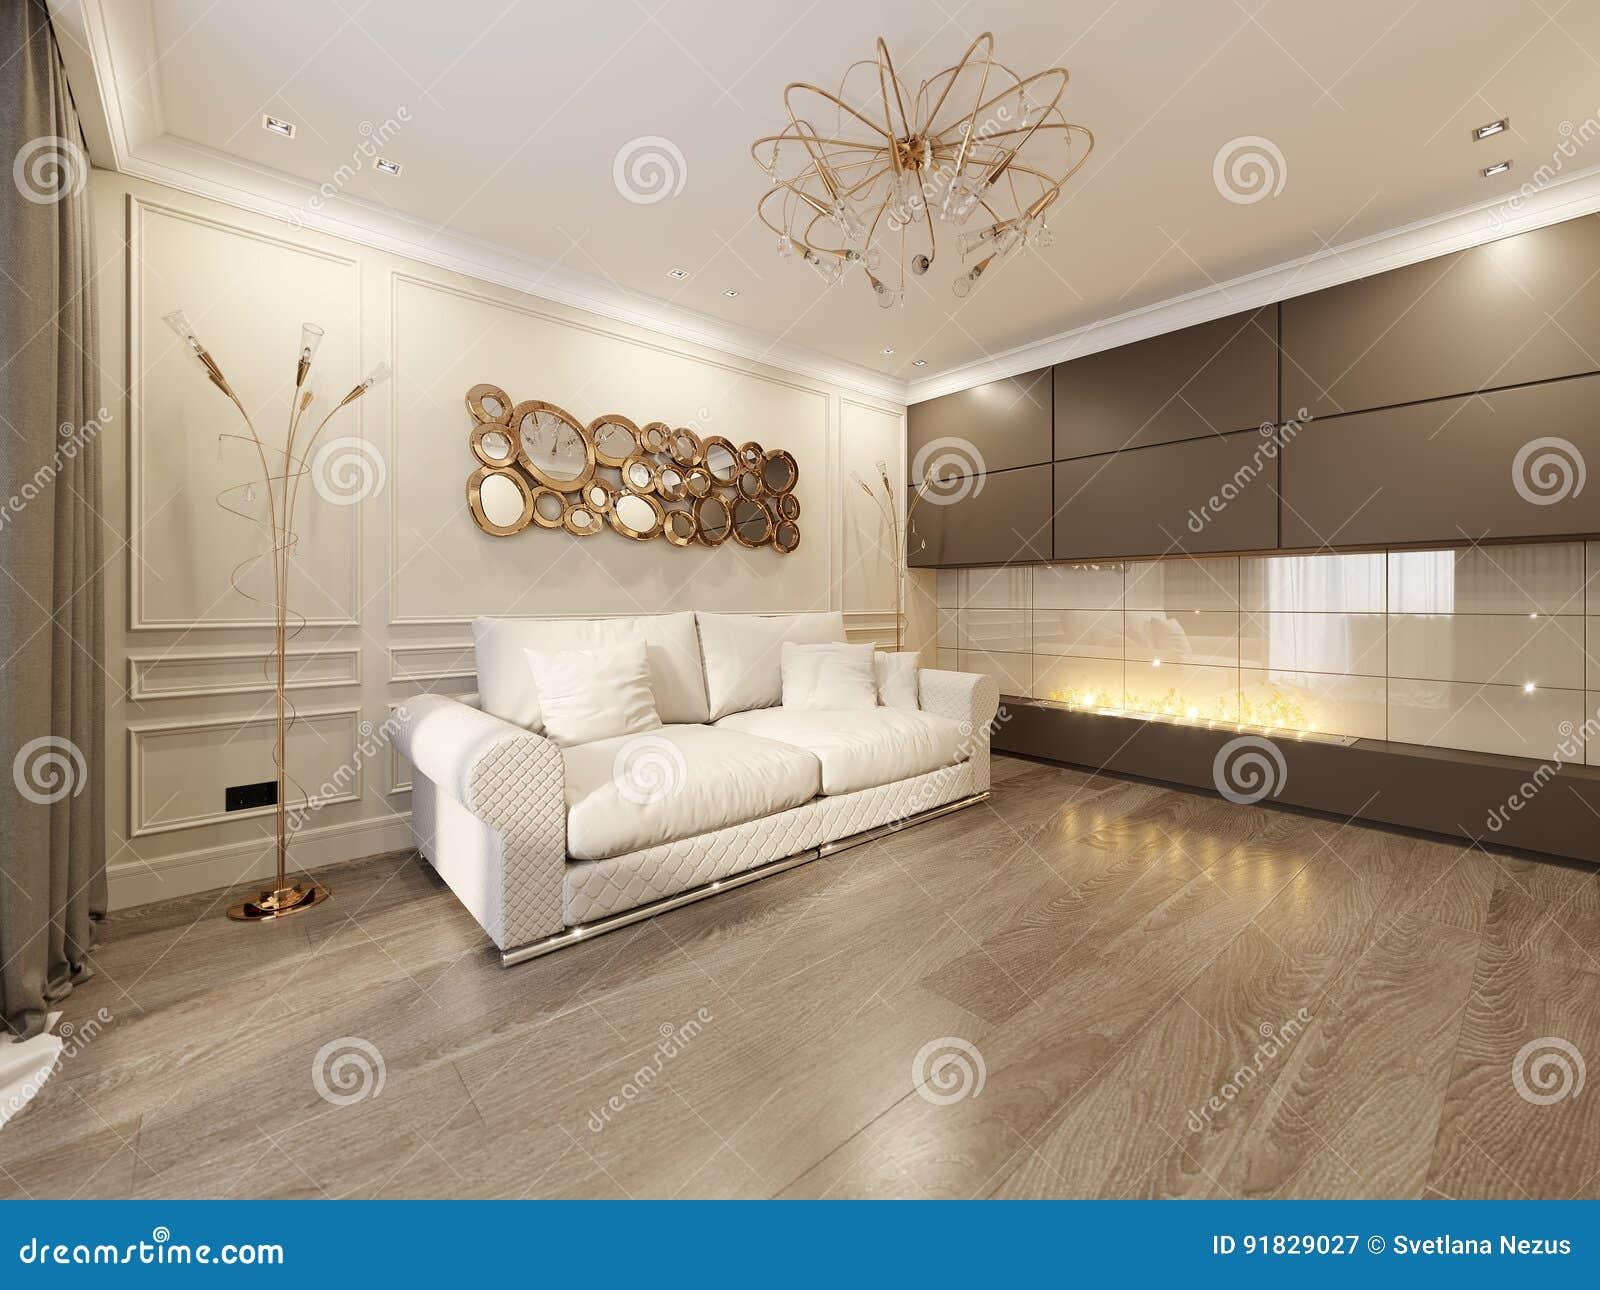 Modernes Klassisches Beige Wohnzimmer-Innenarchitektur Stock ...